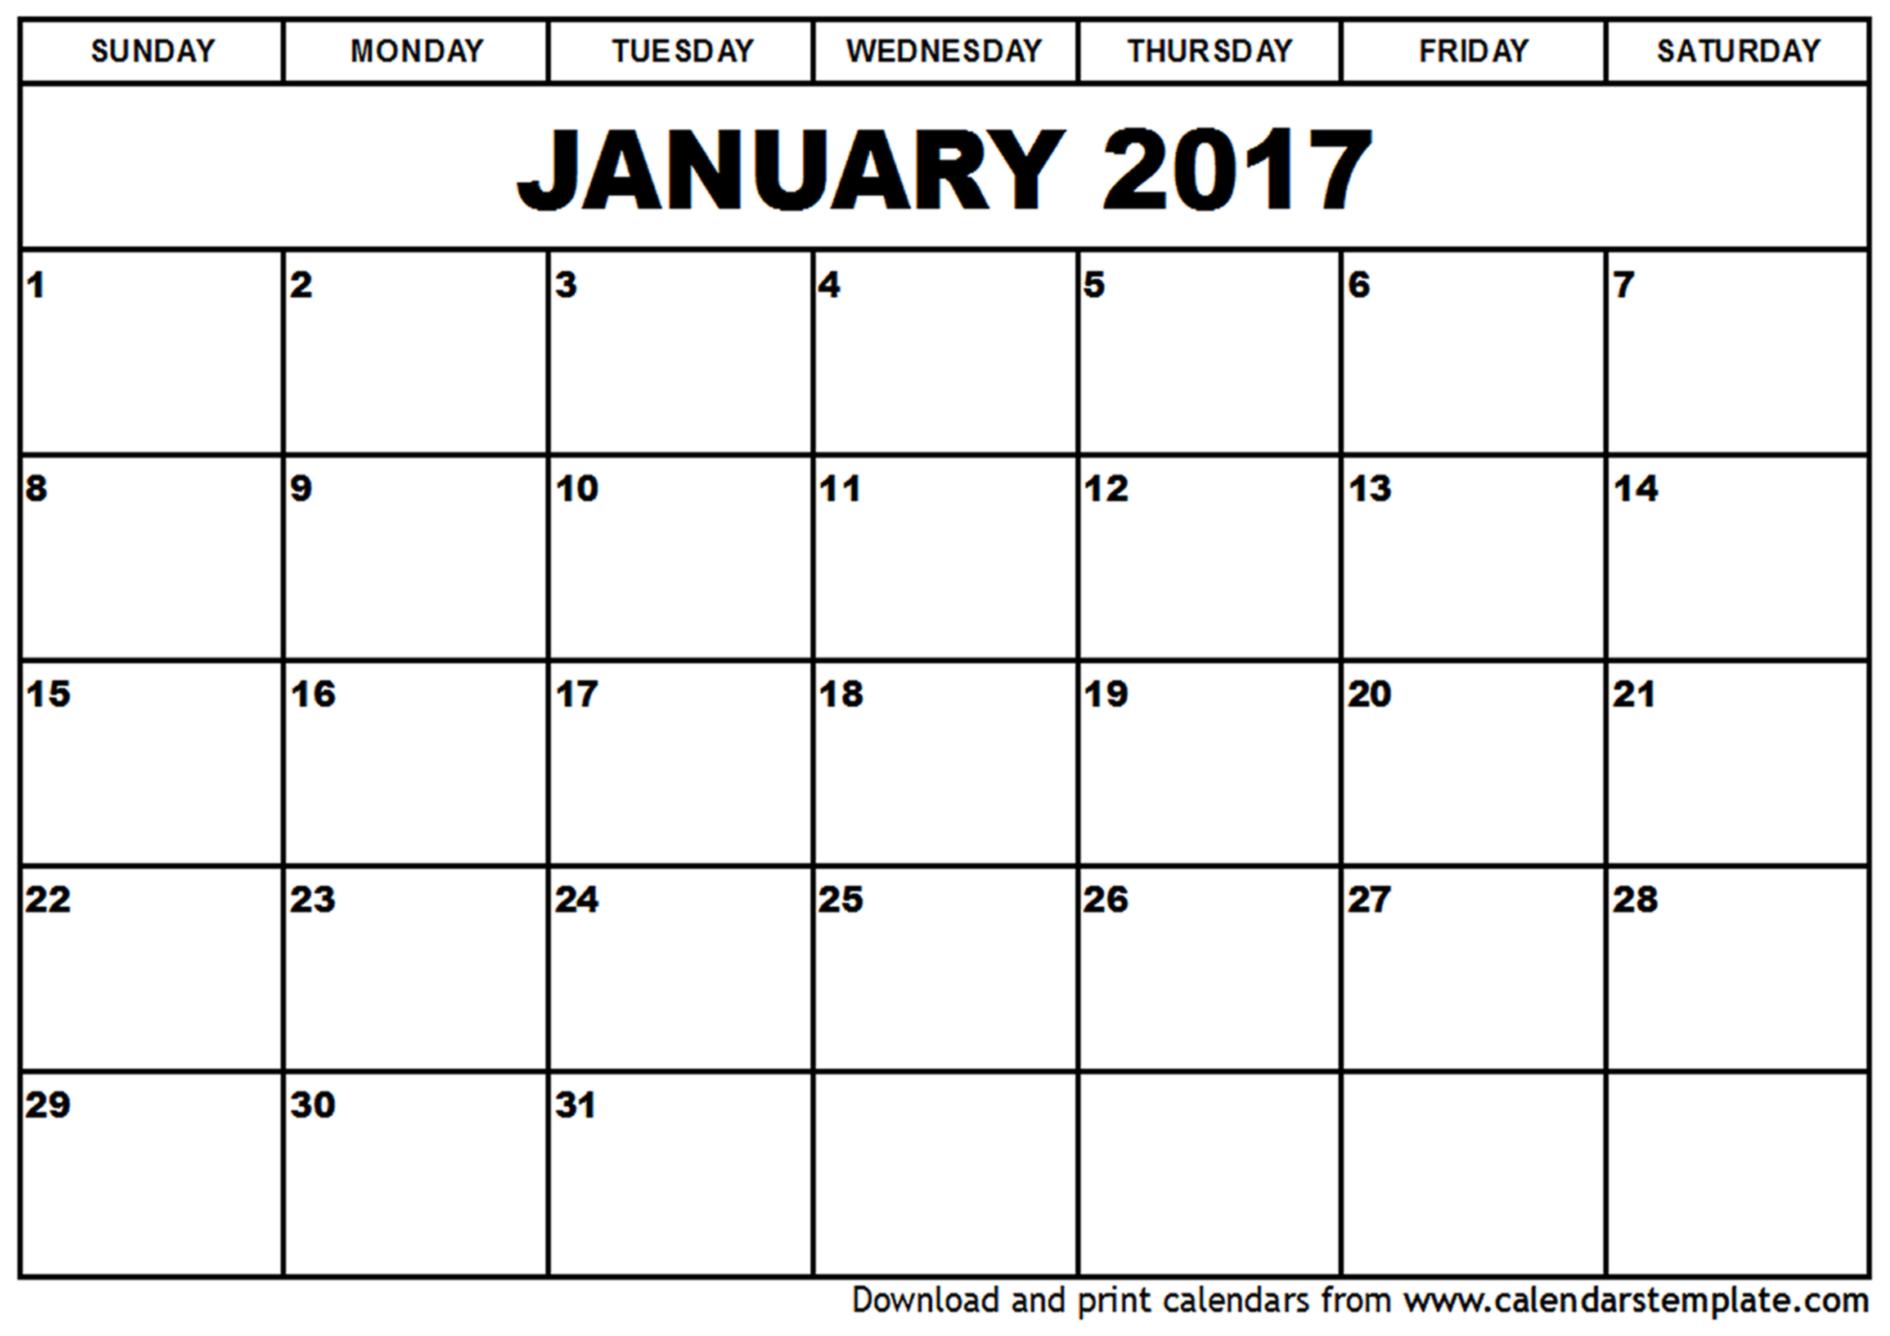 Blank January 2017 Calendar Templates